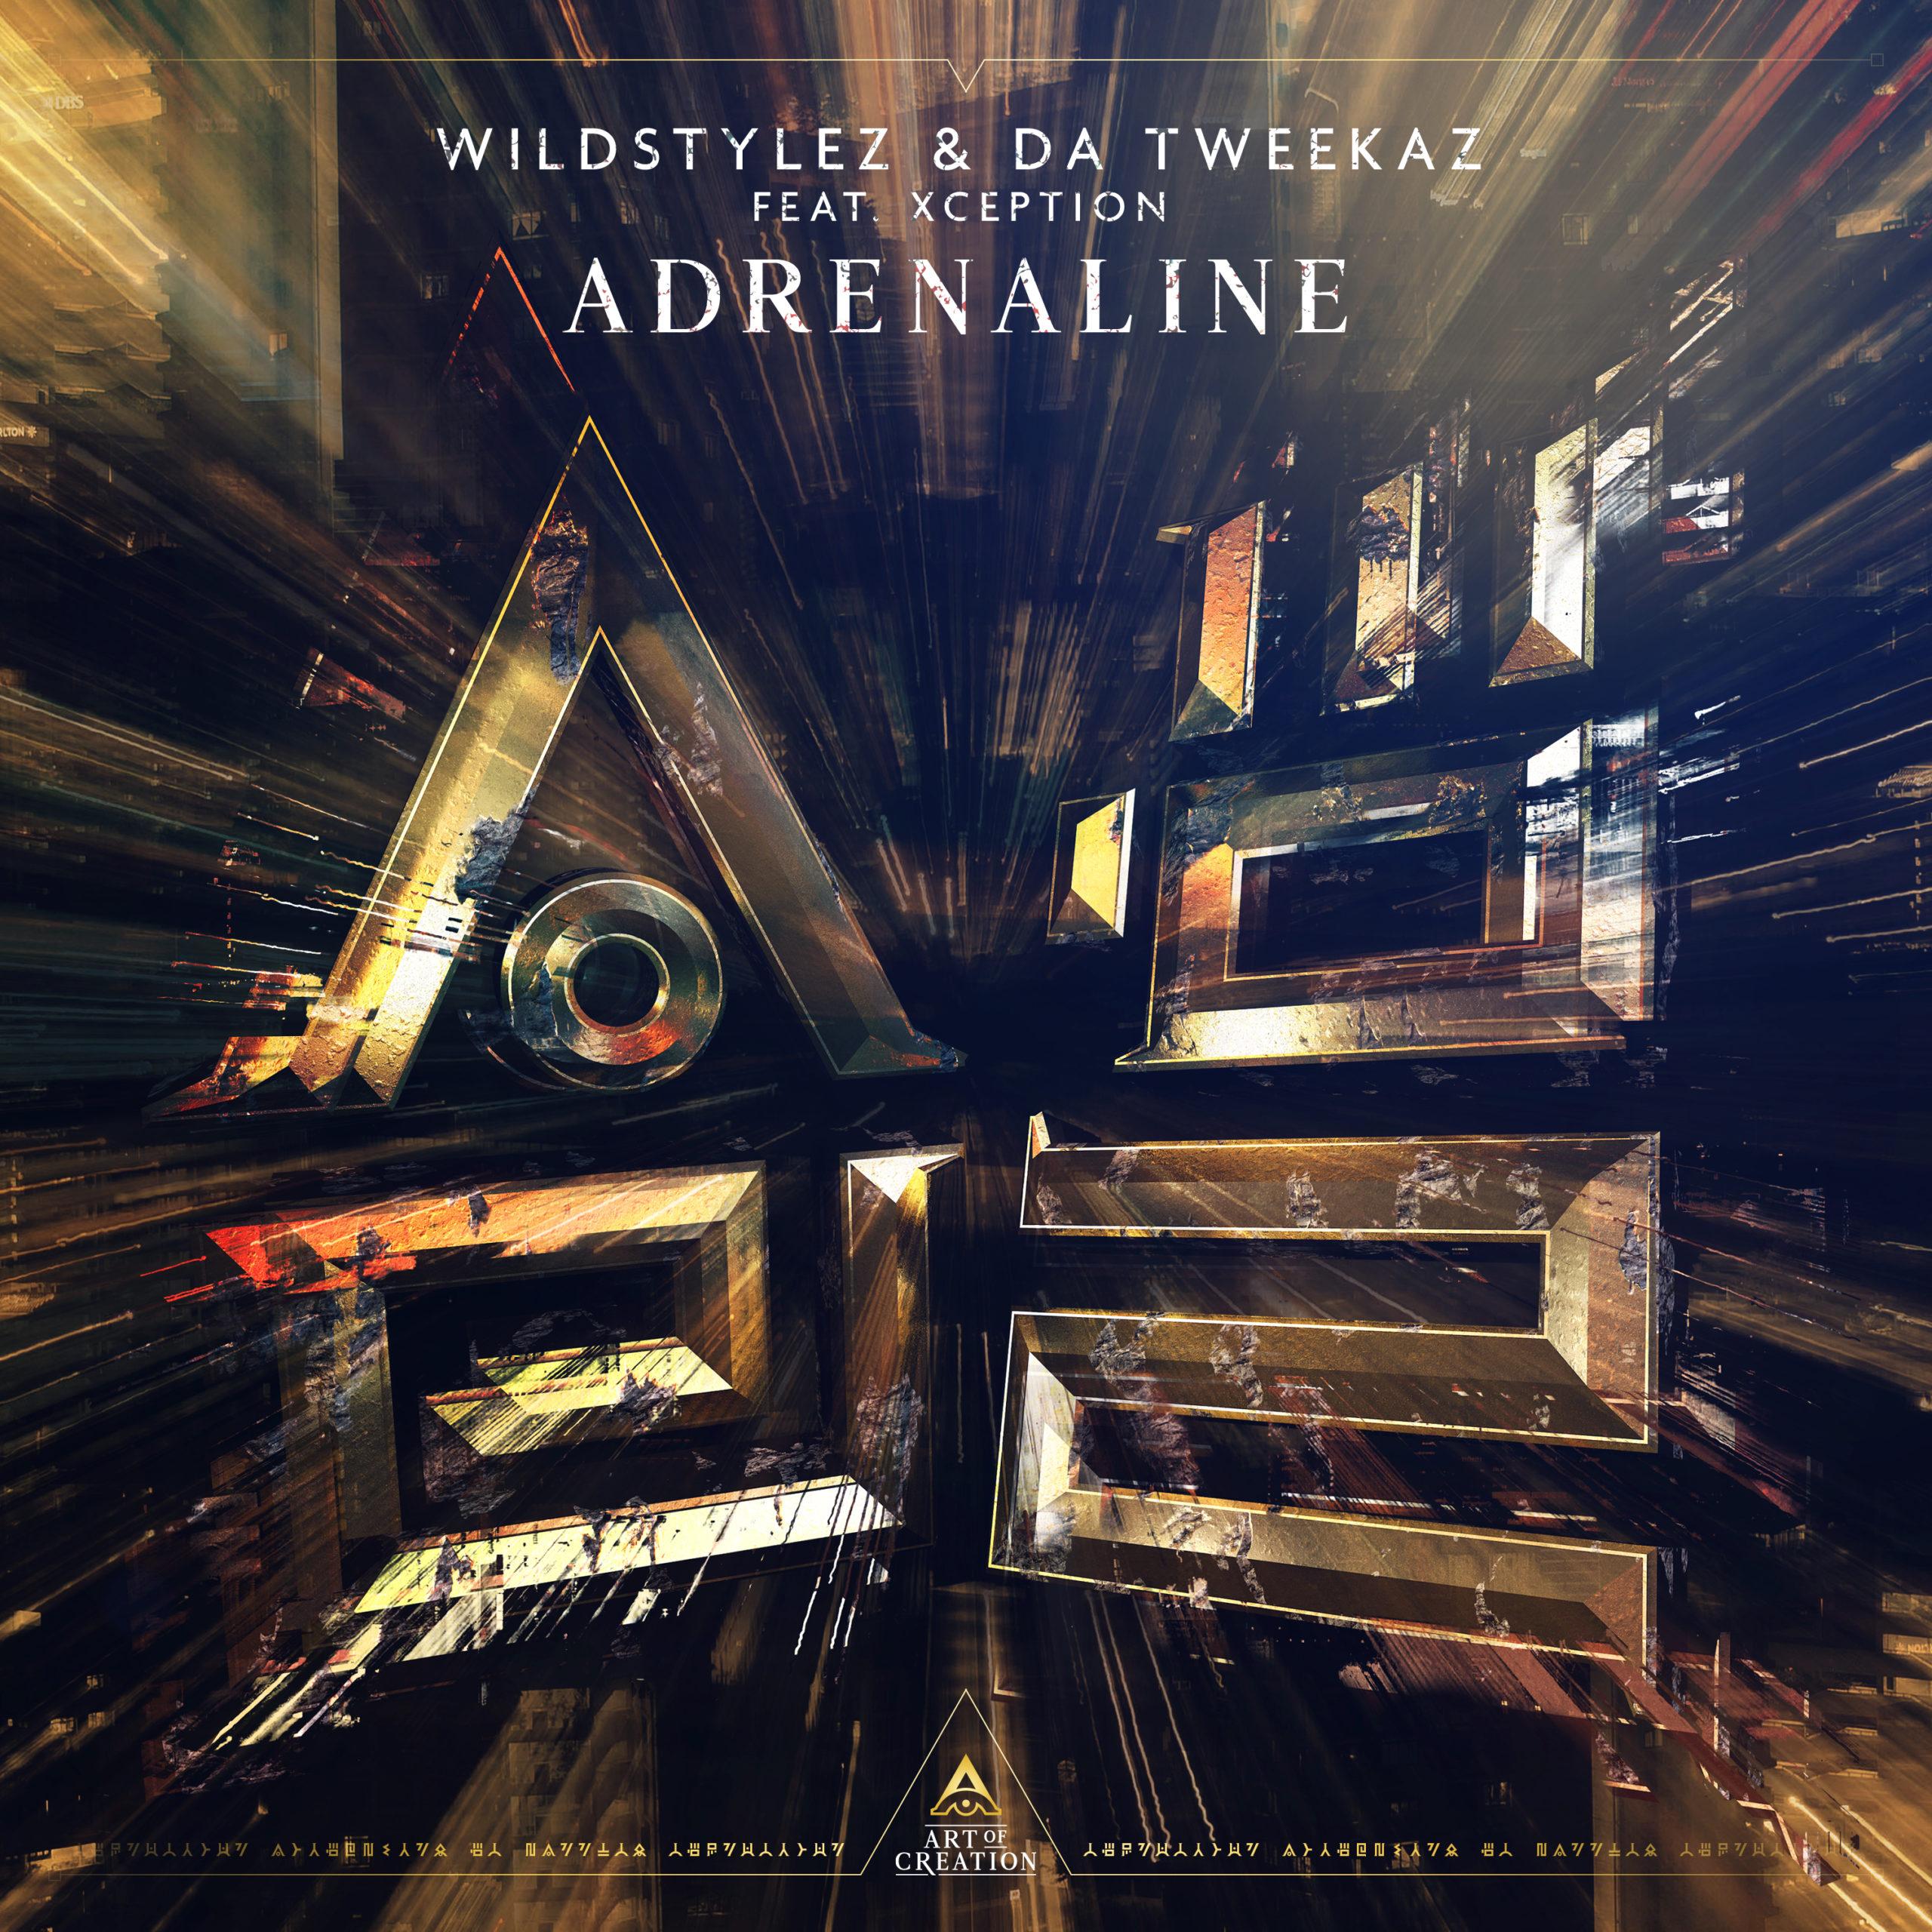 Wildstylez & Da Tweekaz - Adrenaline (feat. XCEPTION)